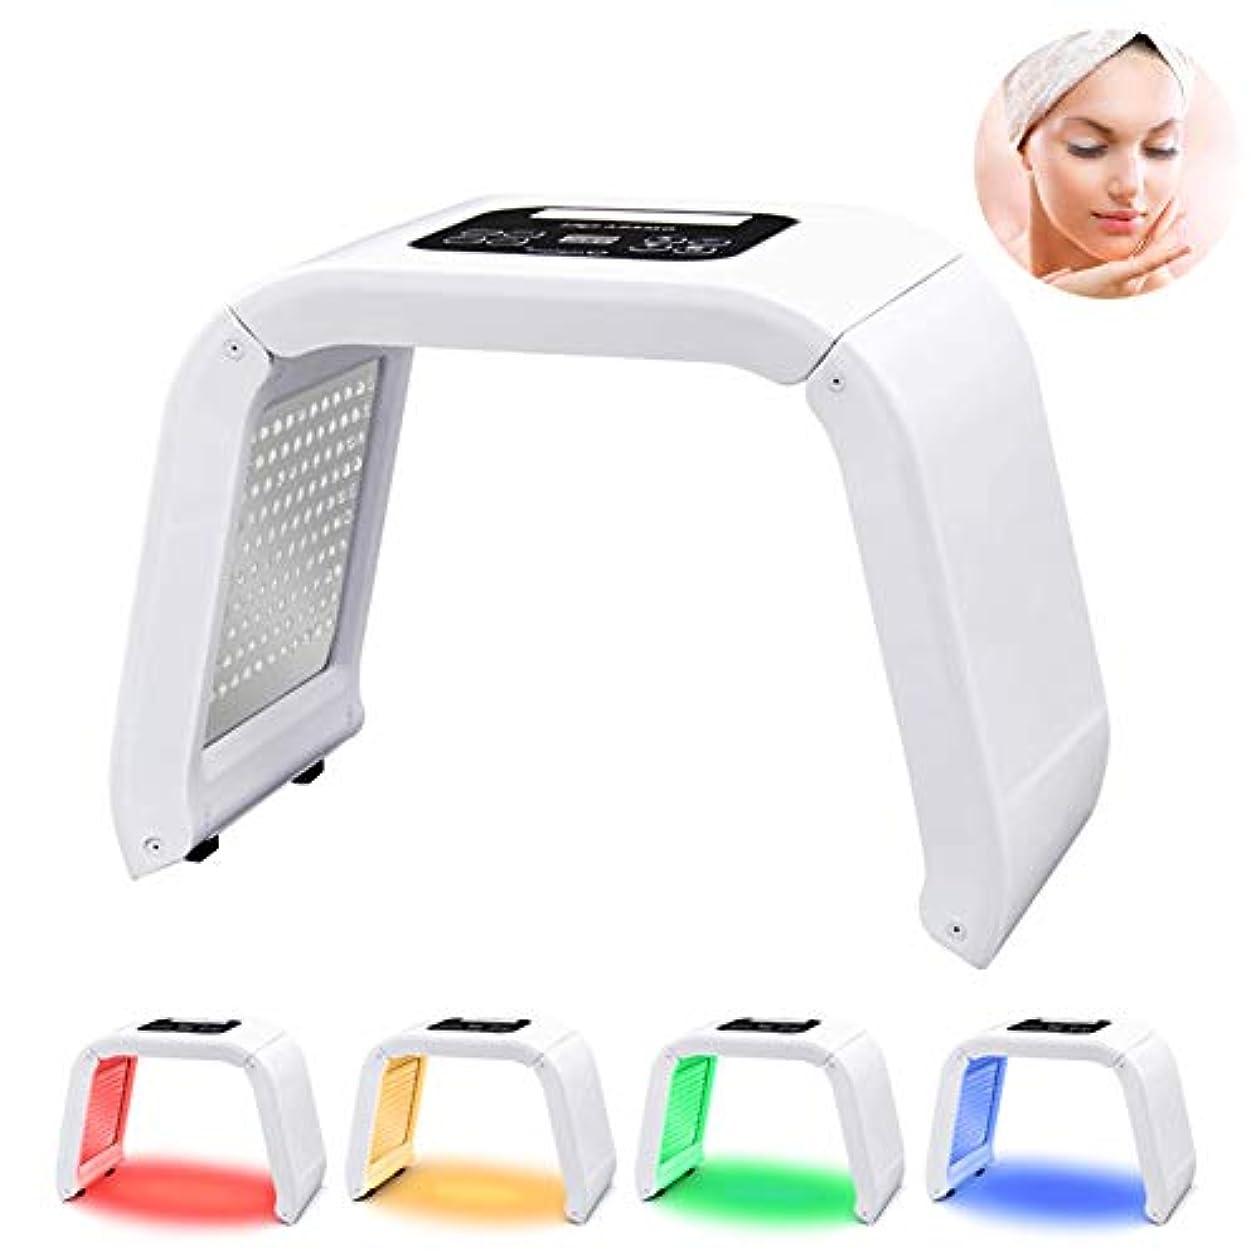 アマゾンジャングル静める公平PDT 4-In-1 LEDライト光線療法電気スキンケア美容装置家庭用多機能体の美容スキンケア分光器のマシン女性のための完璧なギフト